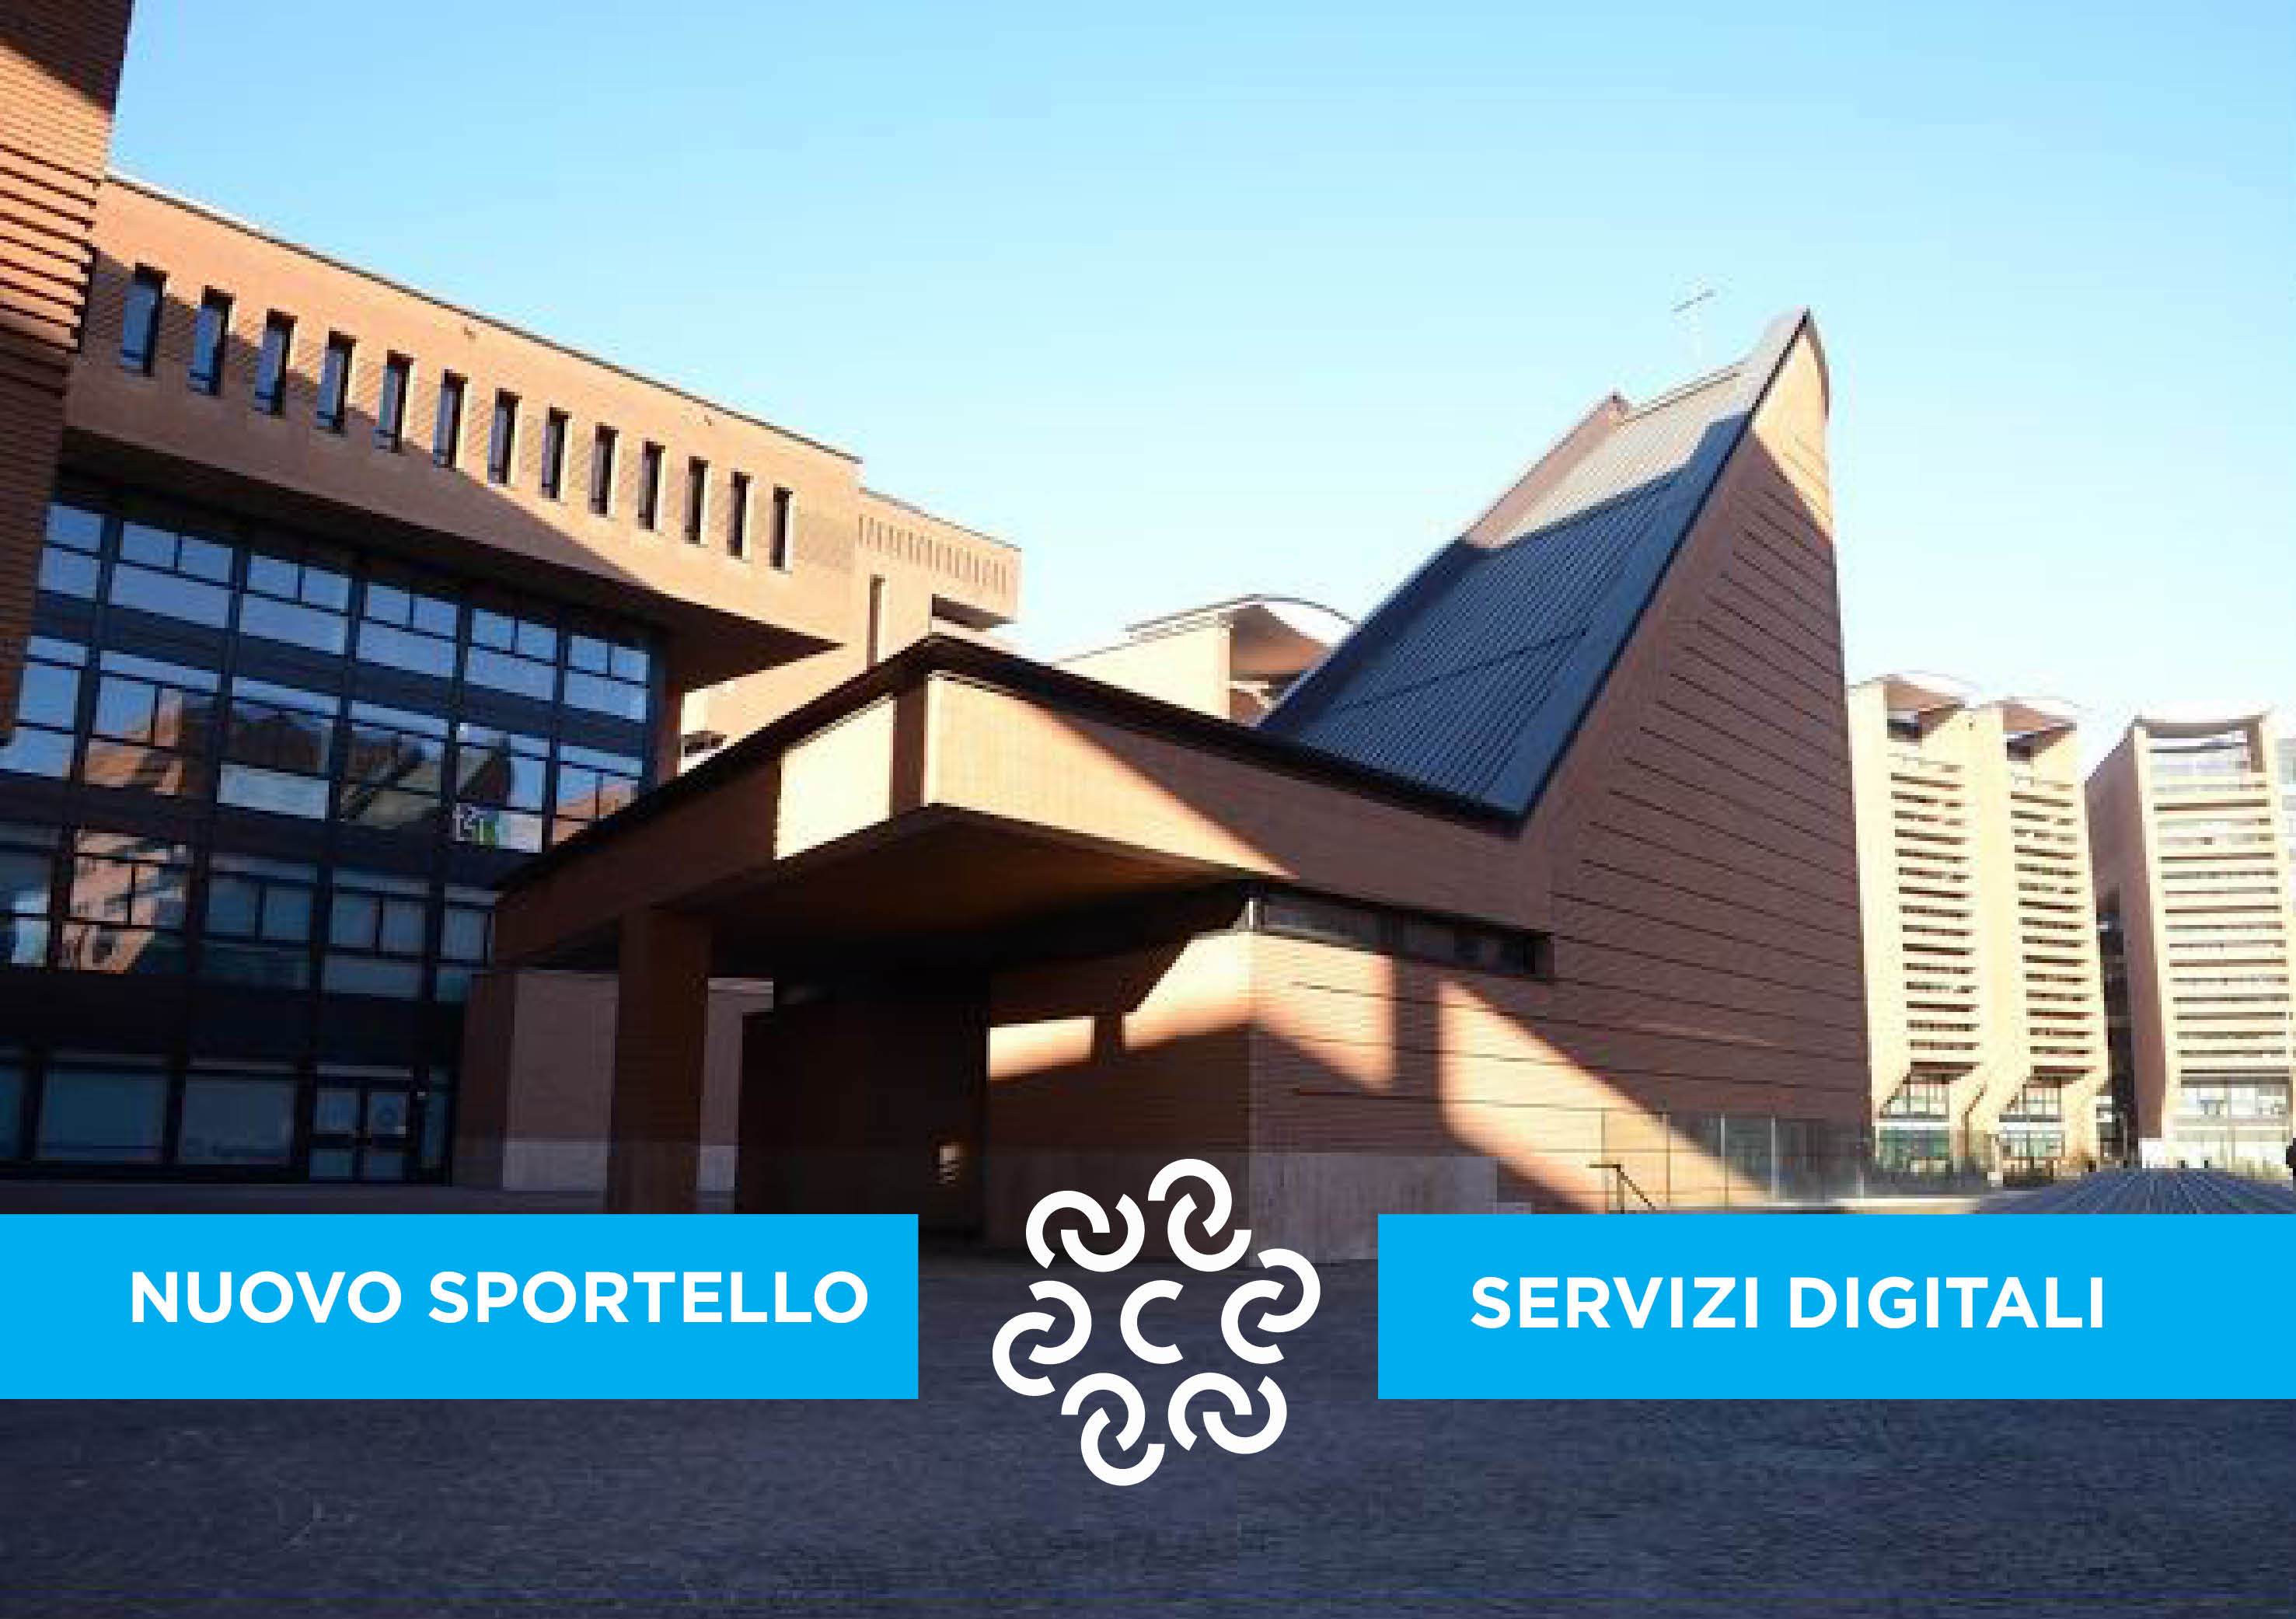 Servizi digitali per l''imprenditore e per l''identit� digitale